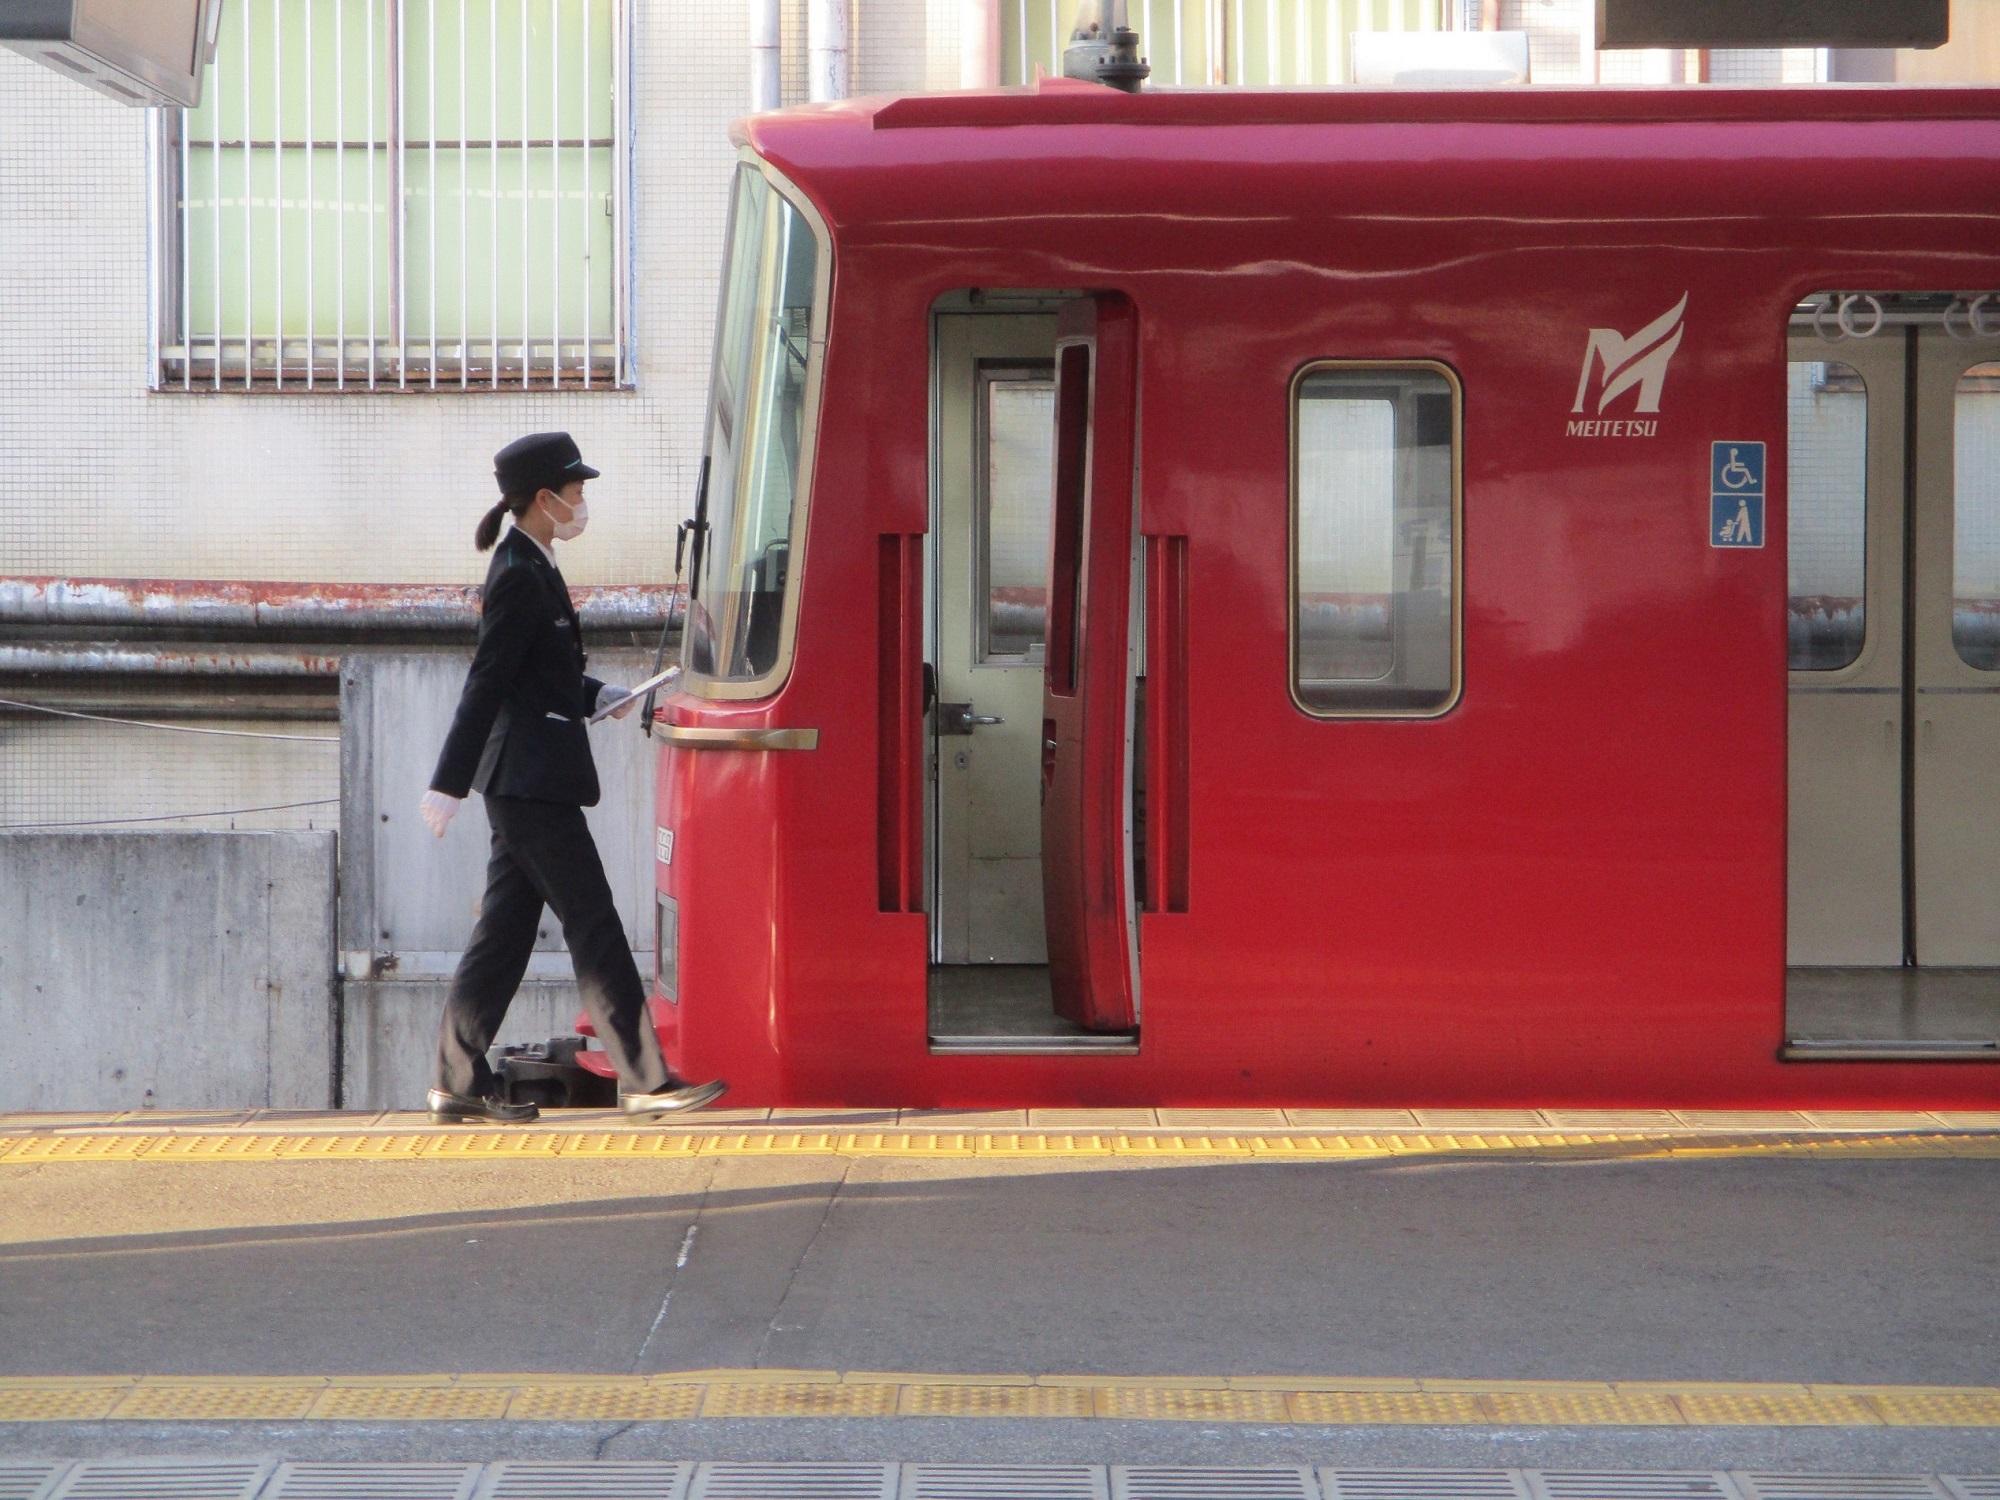 2020.3.17 (33) 東岡崎 - 伊奈いきふつう 2000-1500